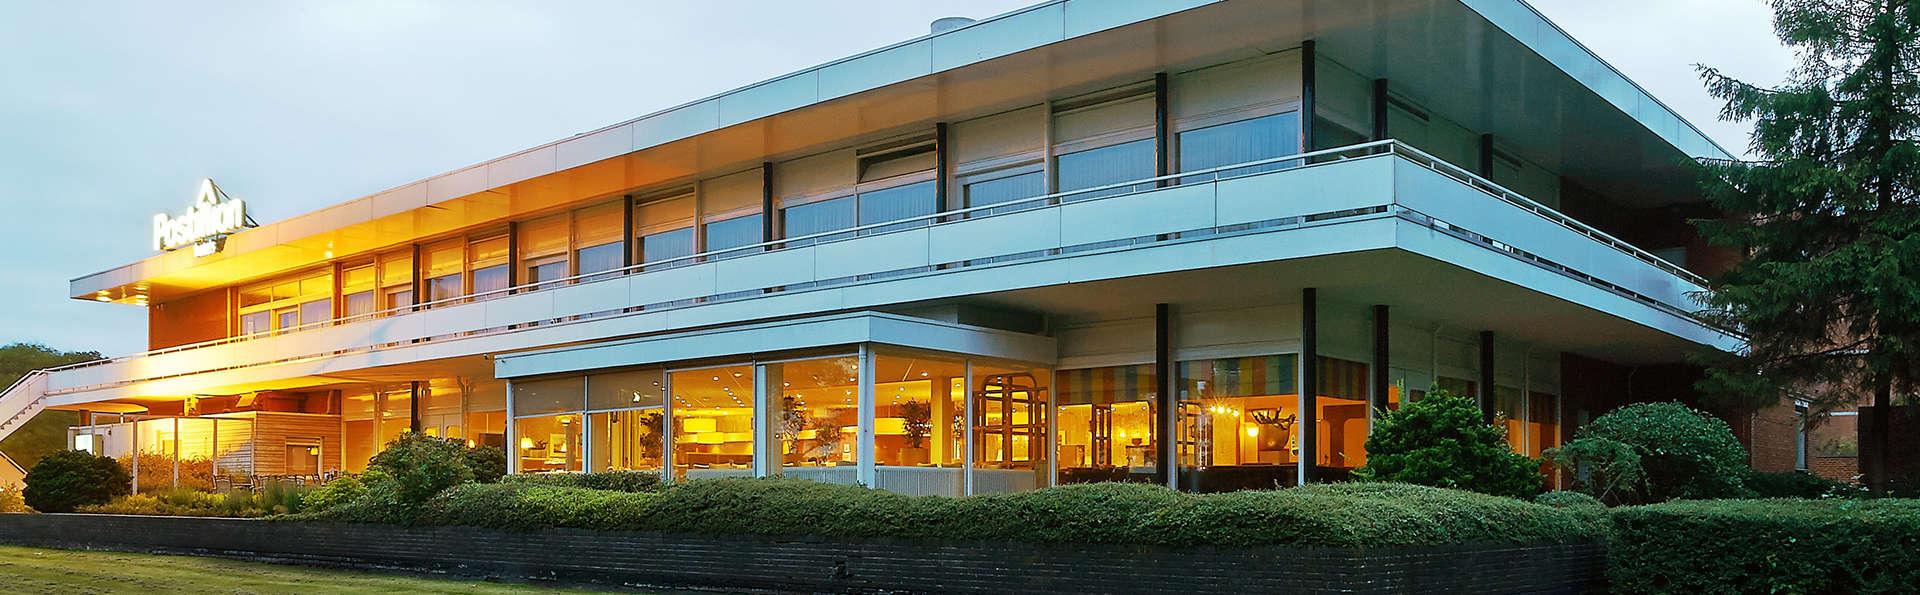 Nescio Hotel Groningen - EDIT_front.jpg